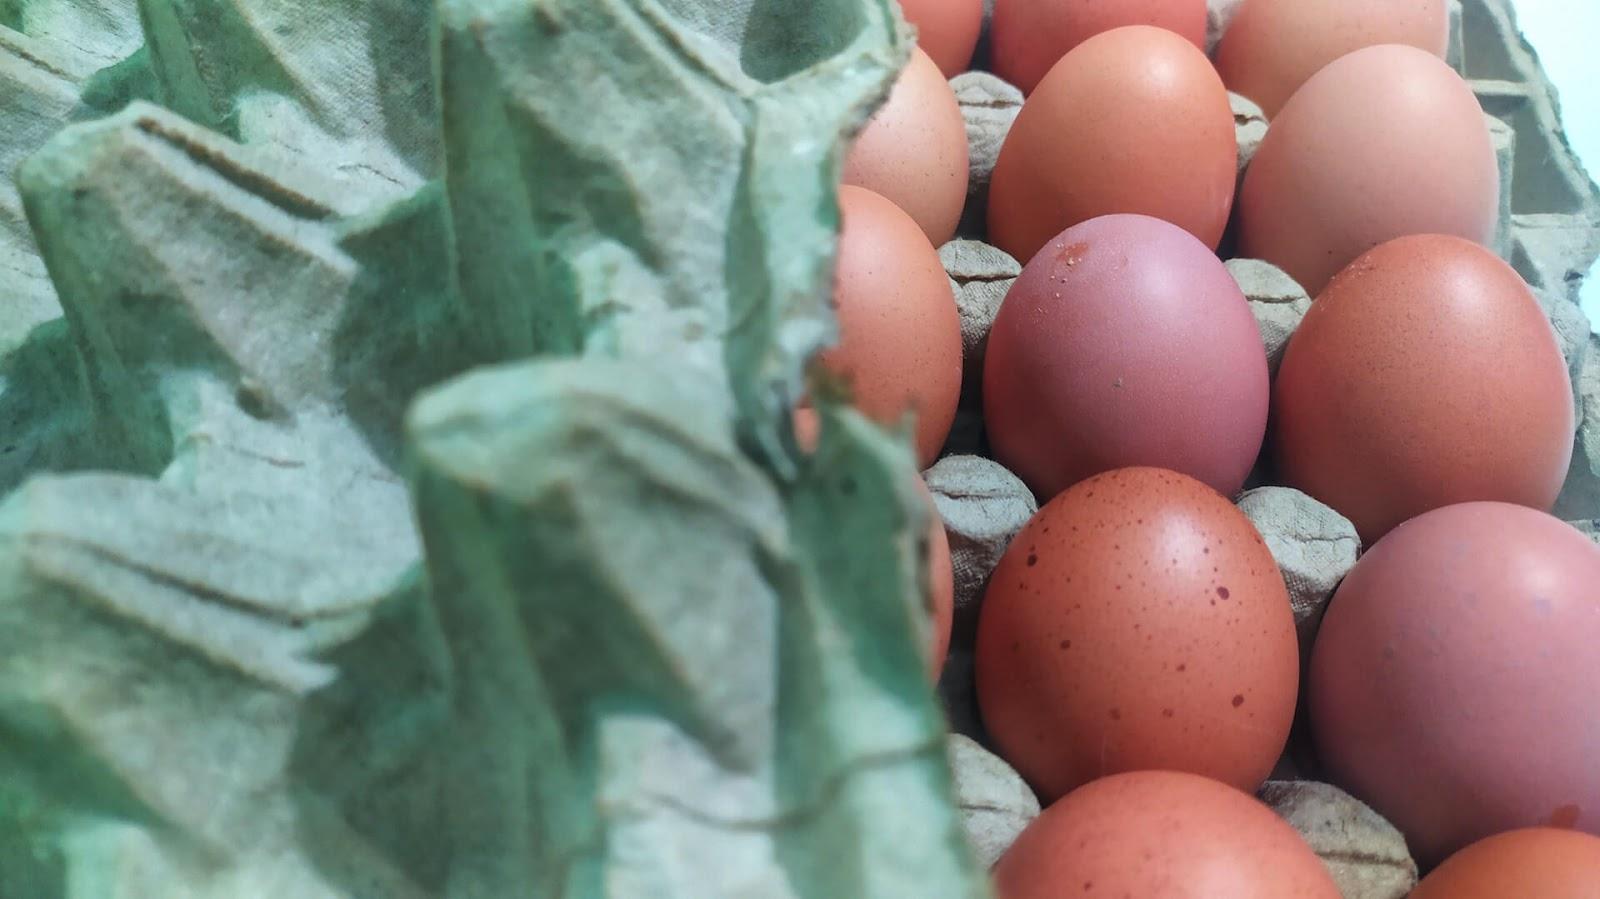 Close-up of an egg carton